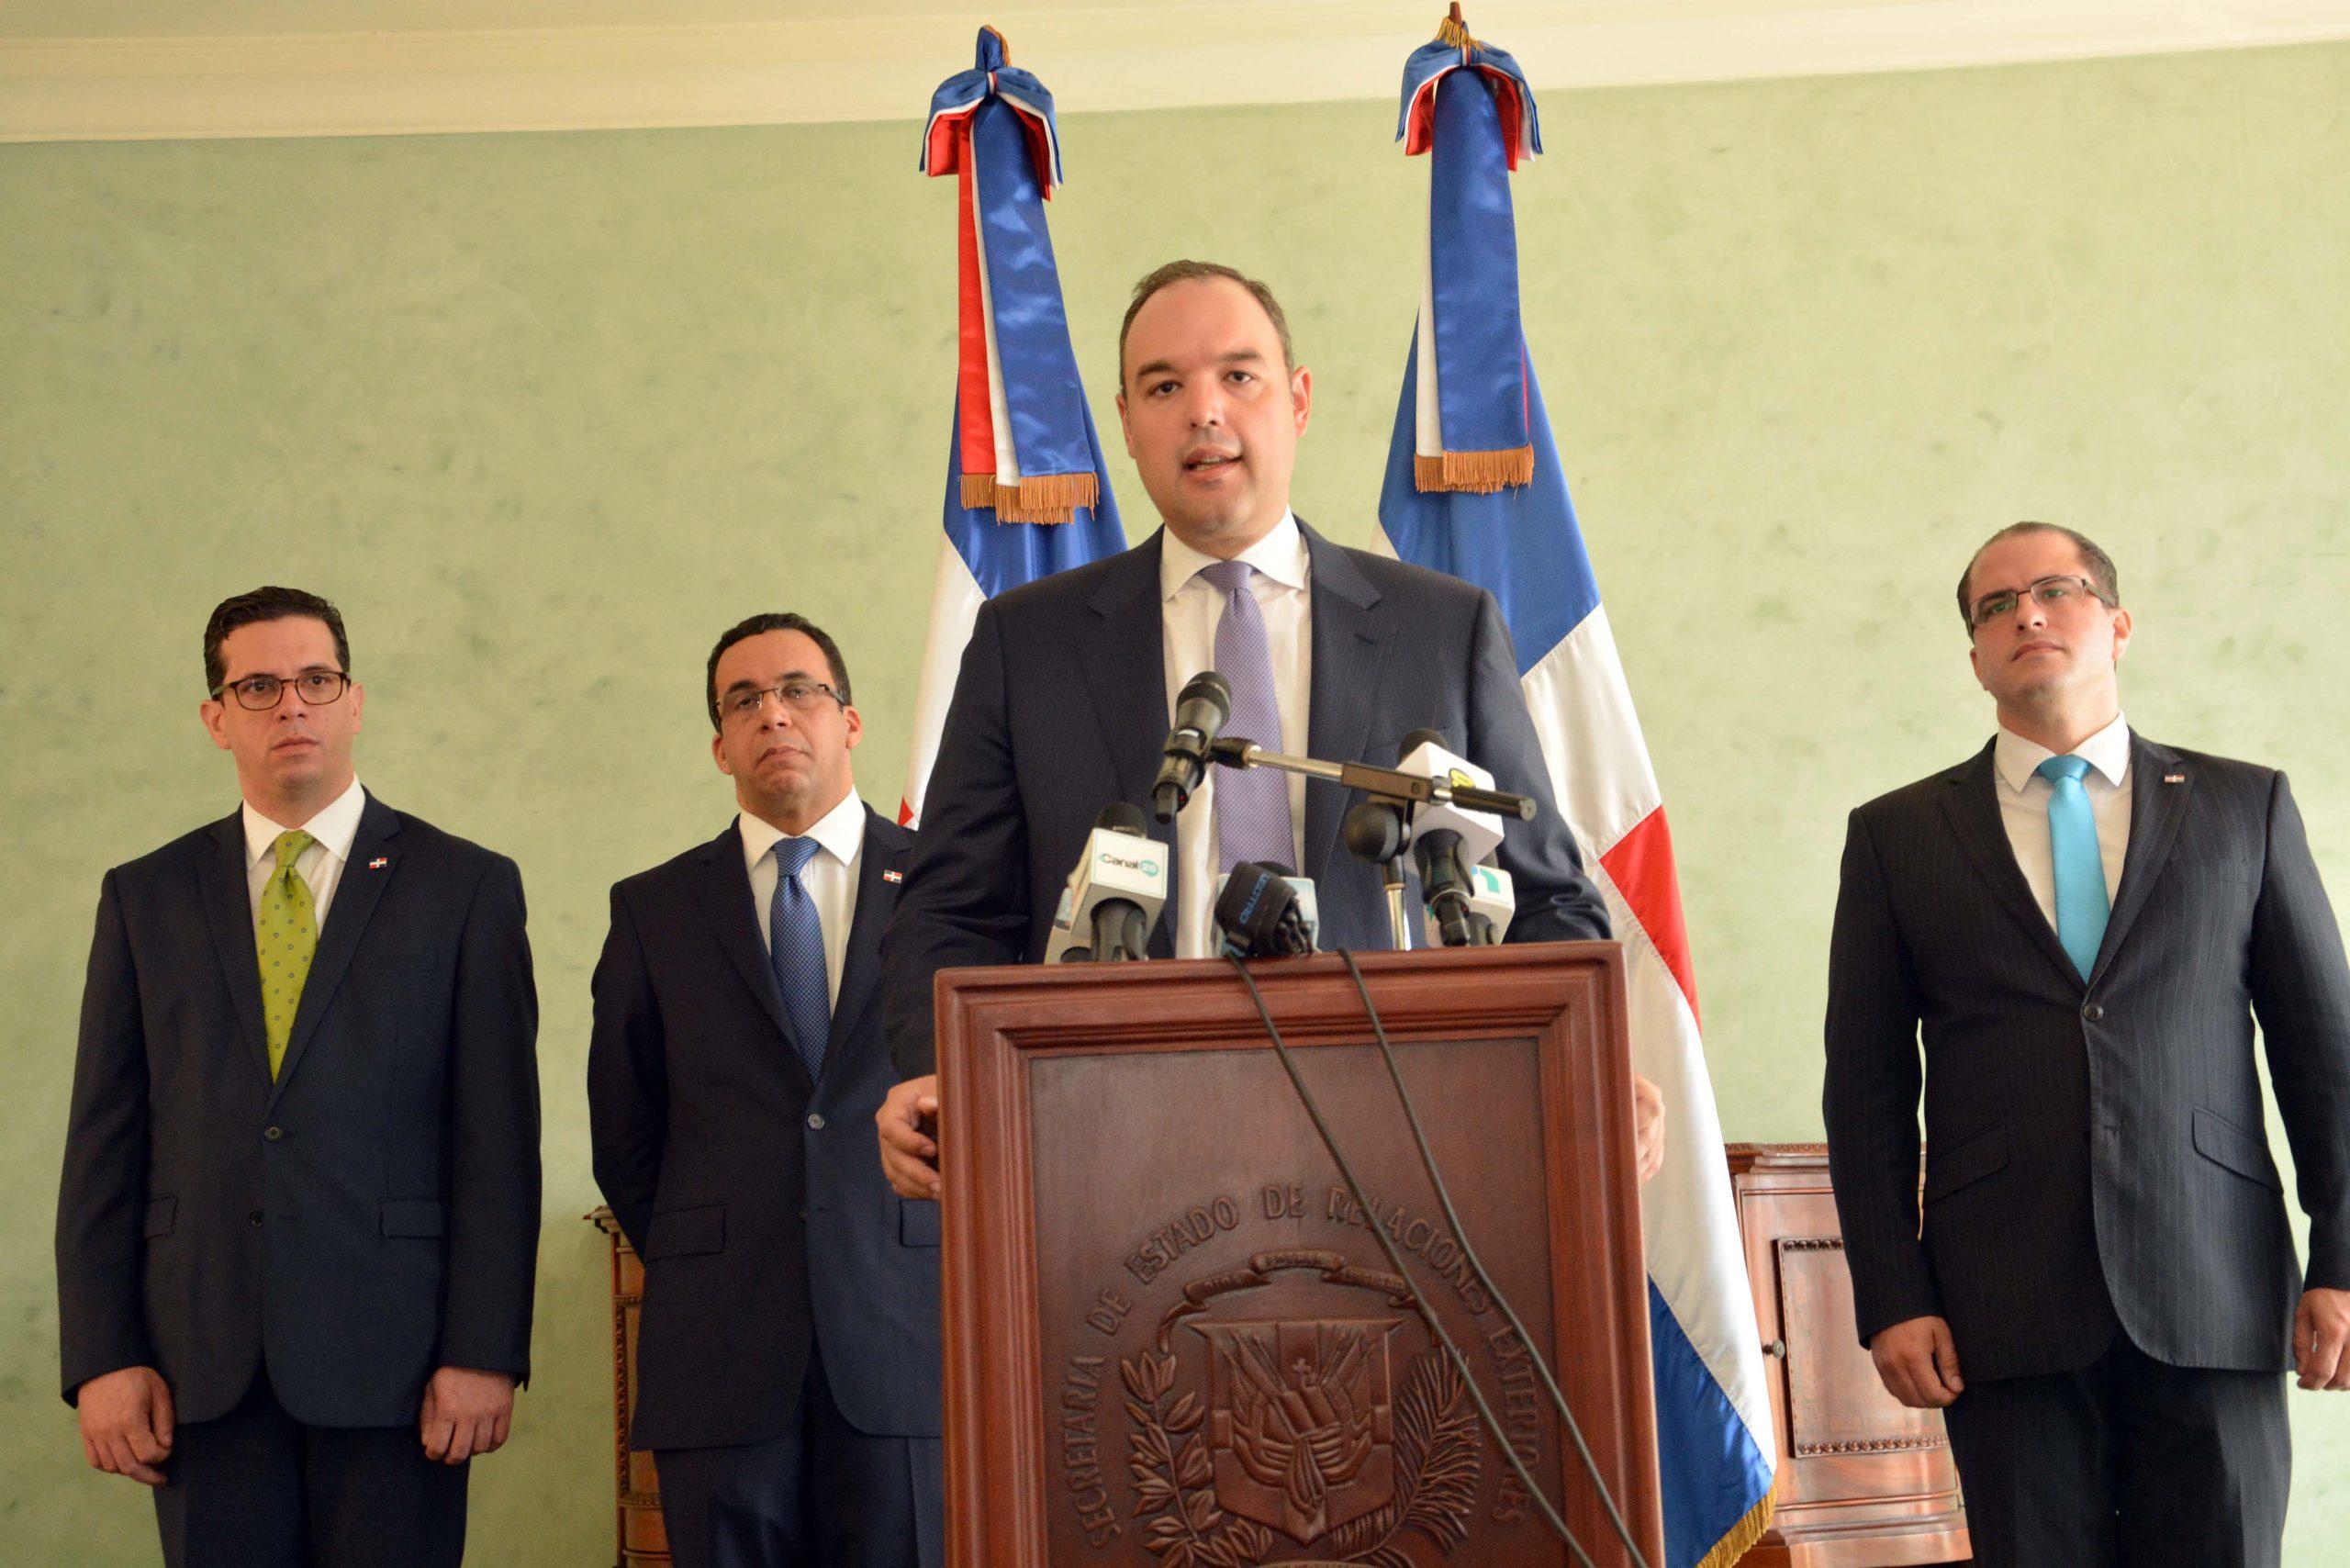 José del Castillo Saviñón informa sobre el sometimiento de RD a Haití ante la OMC.